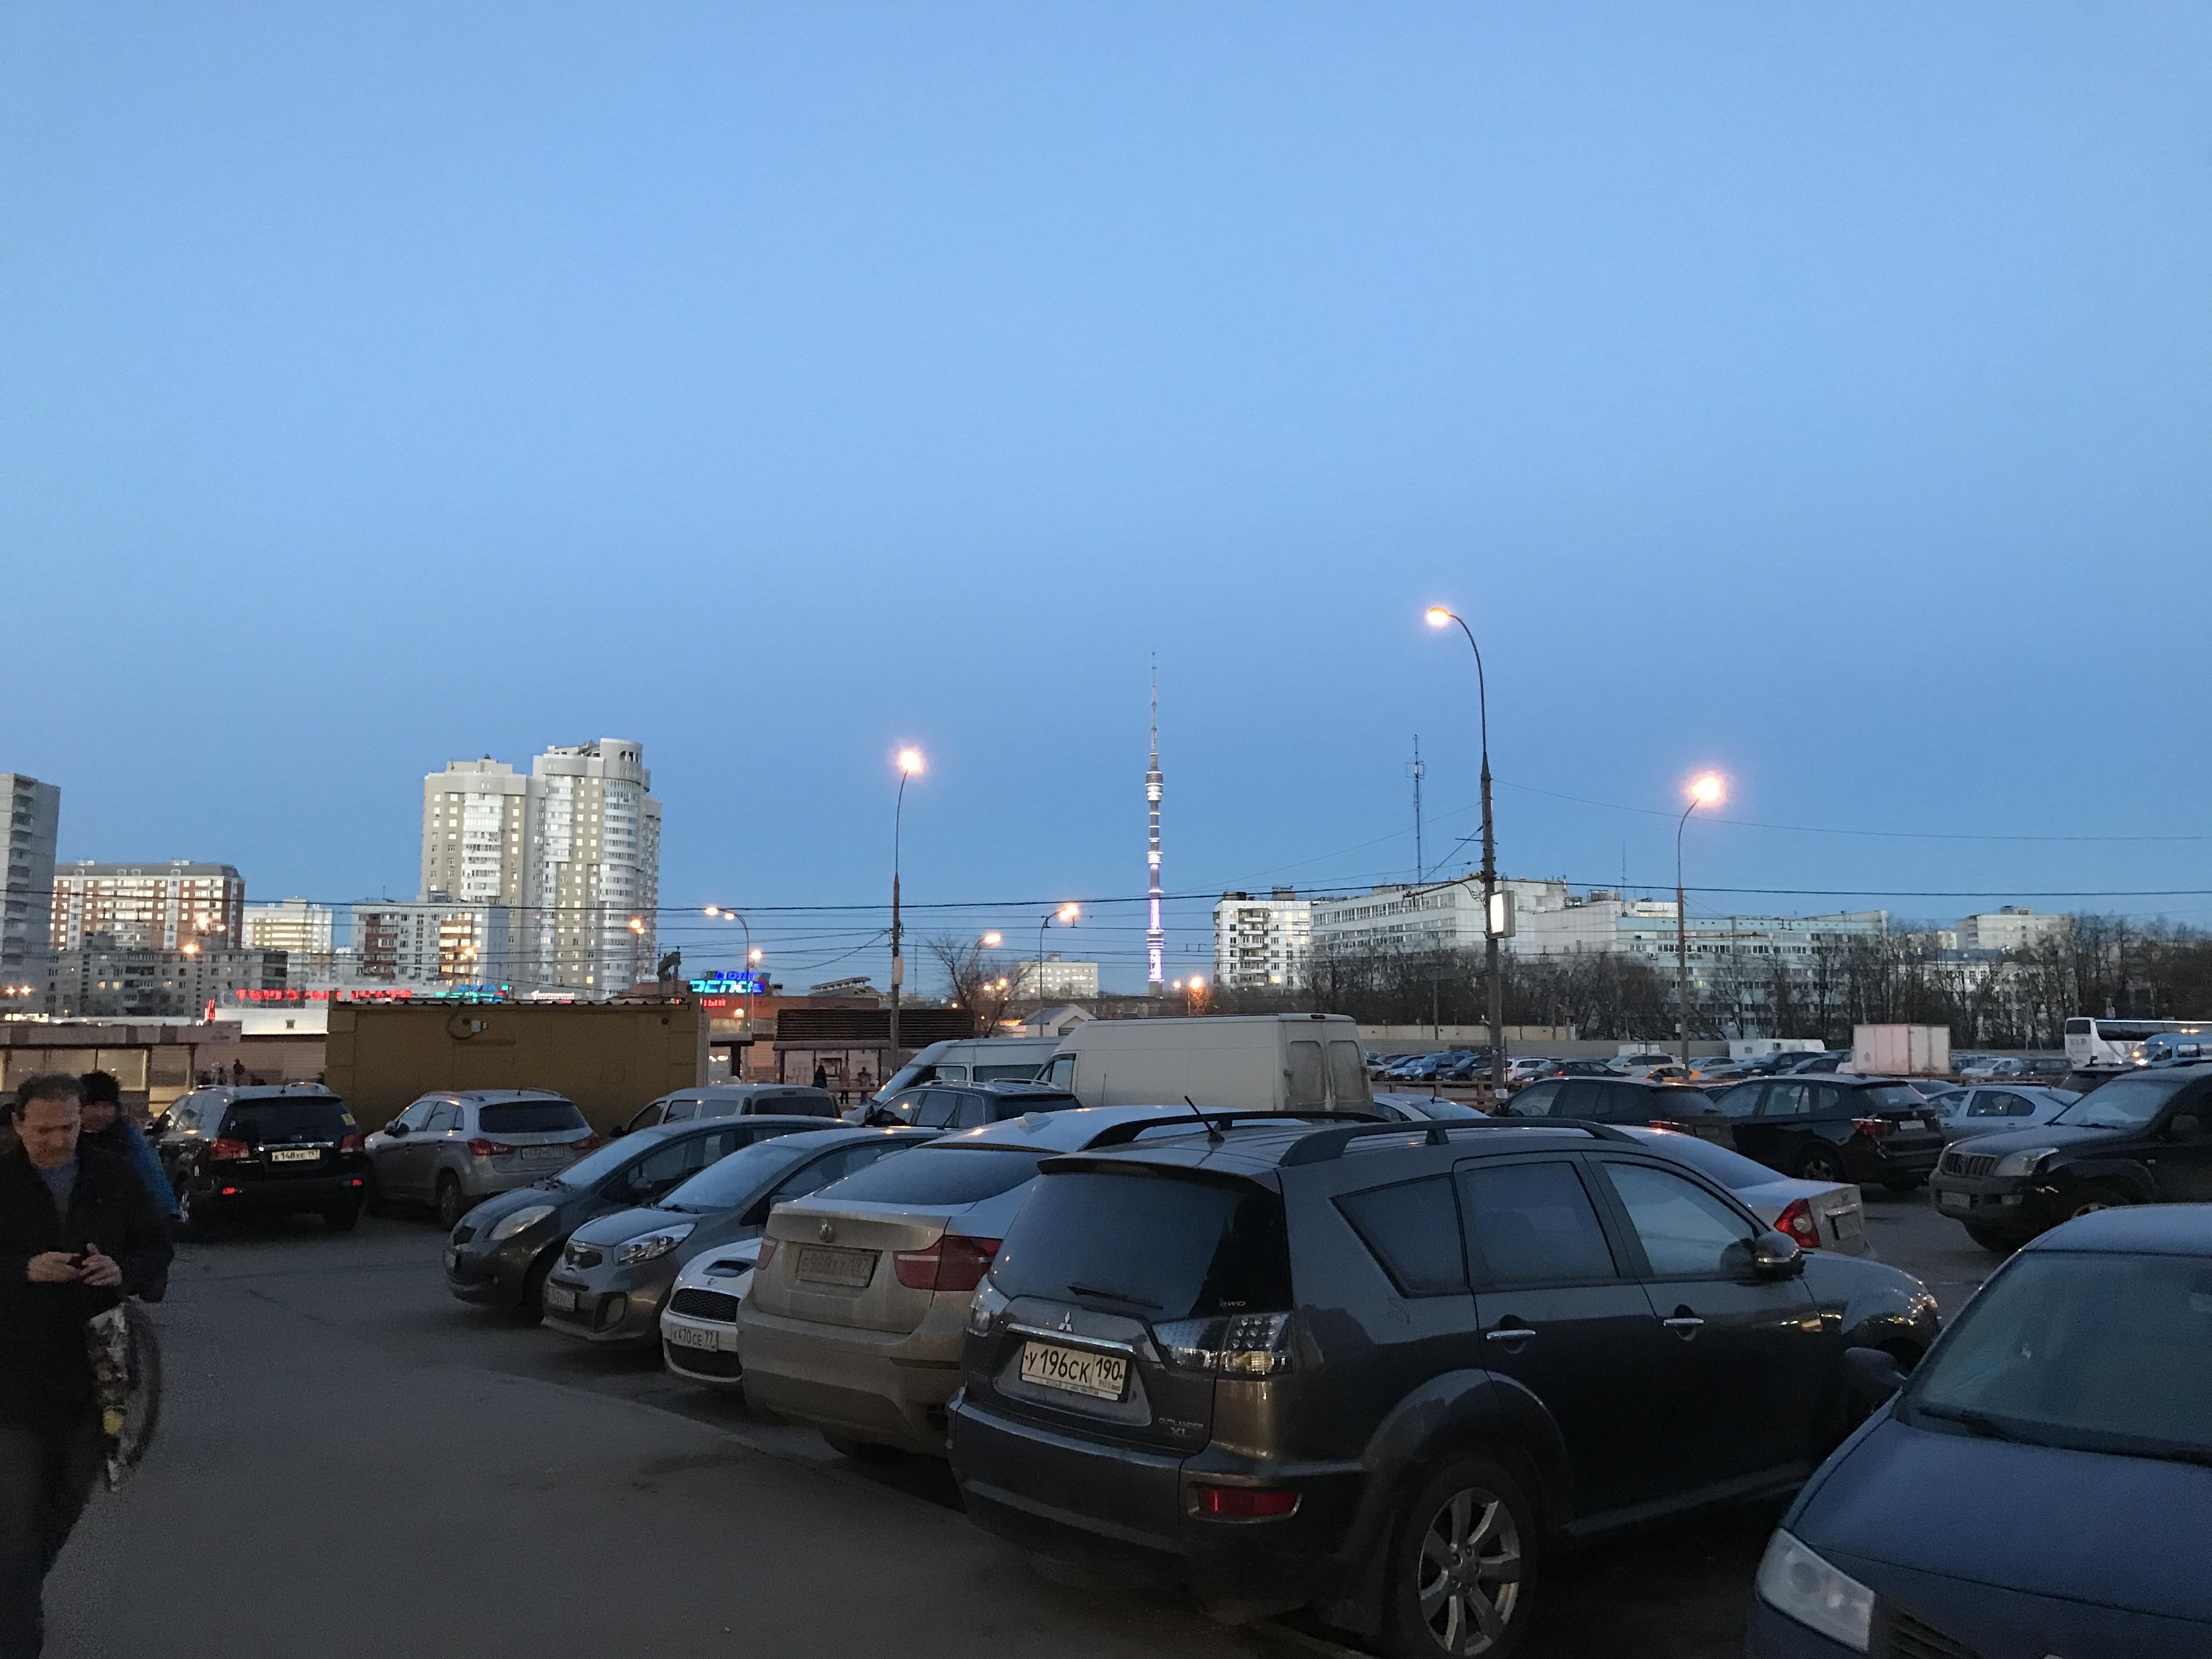 Москва, м. Тимирязевская. Вид на Останкинскую башню